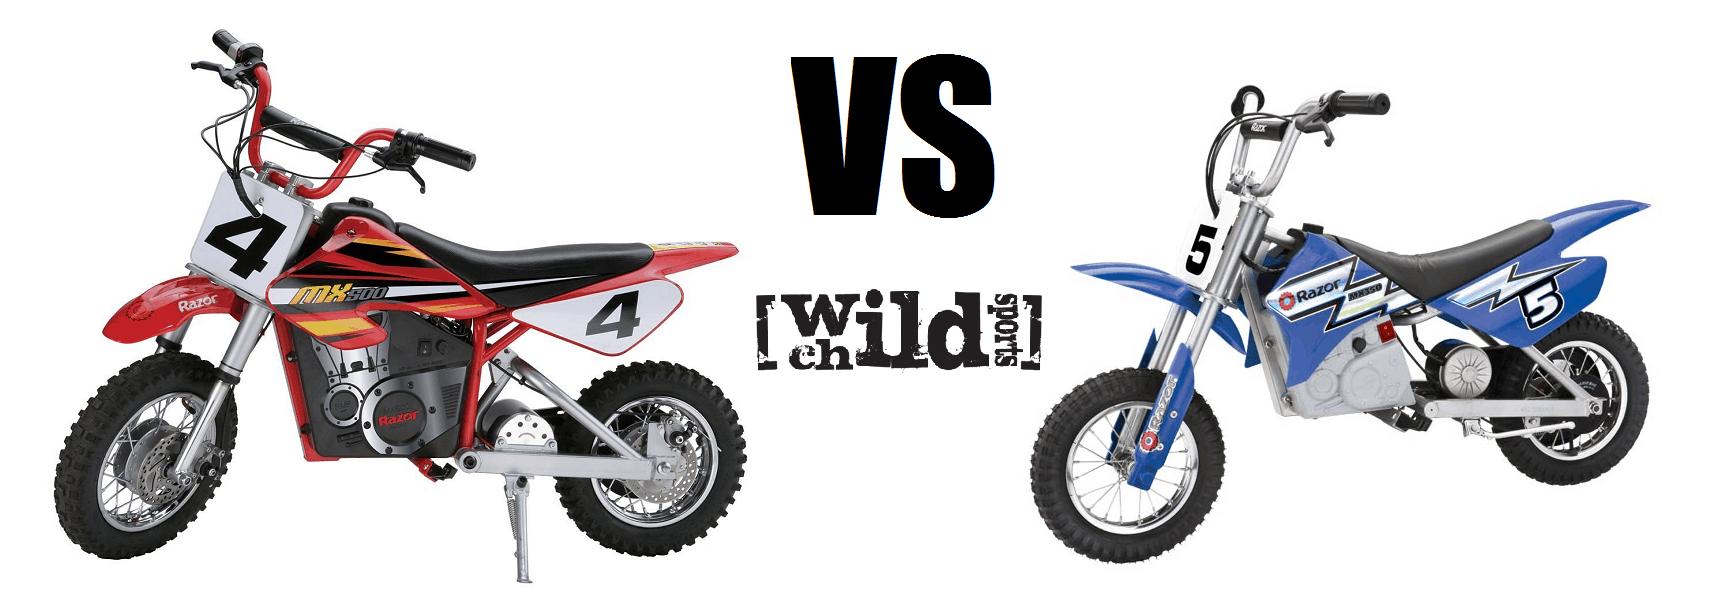 Razor MX350 VS MX500